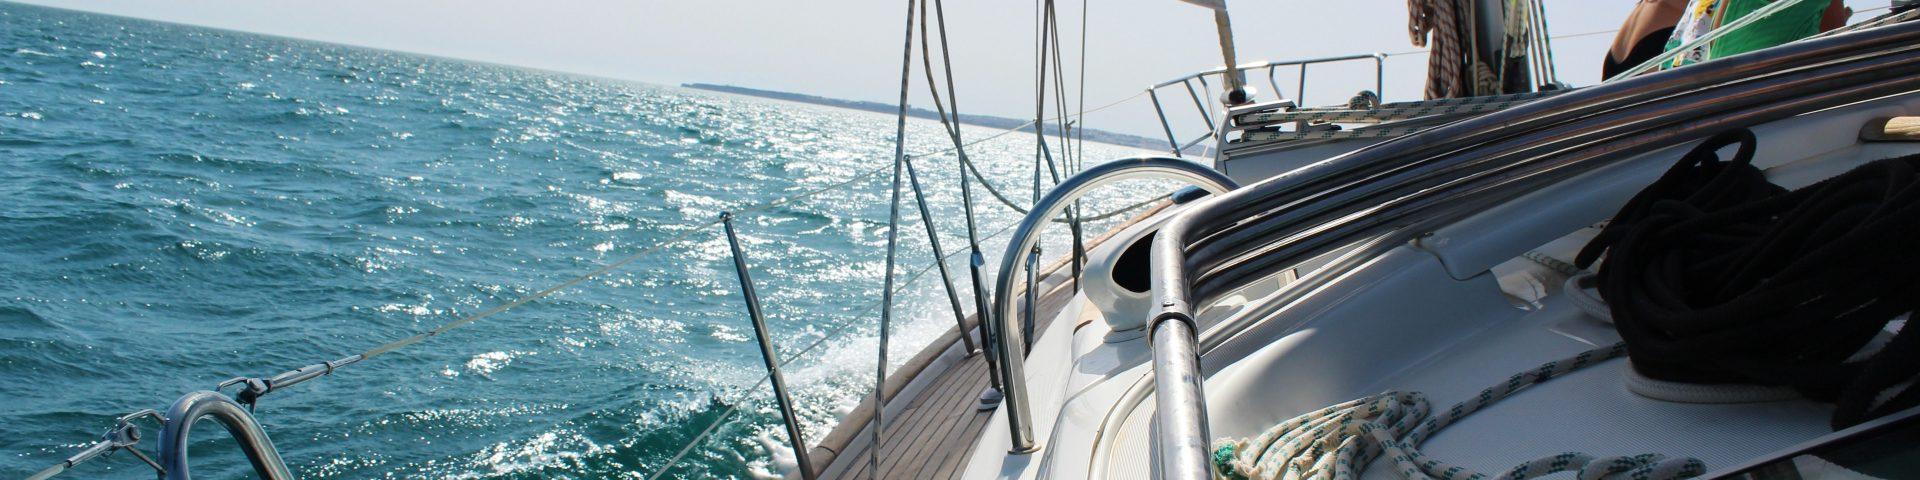 sea boat view